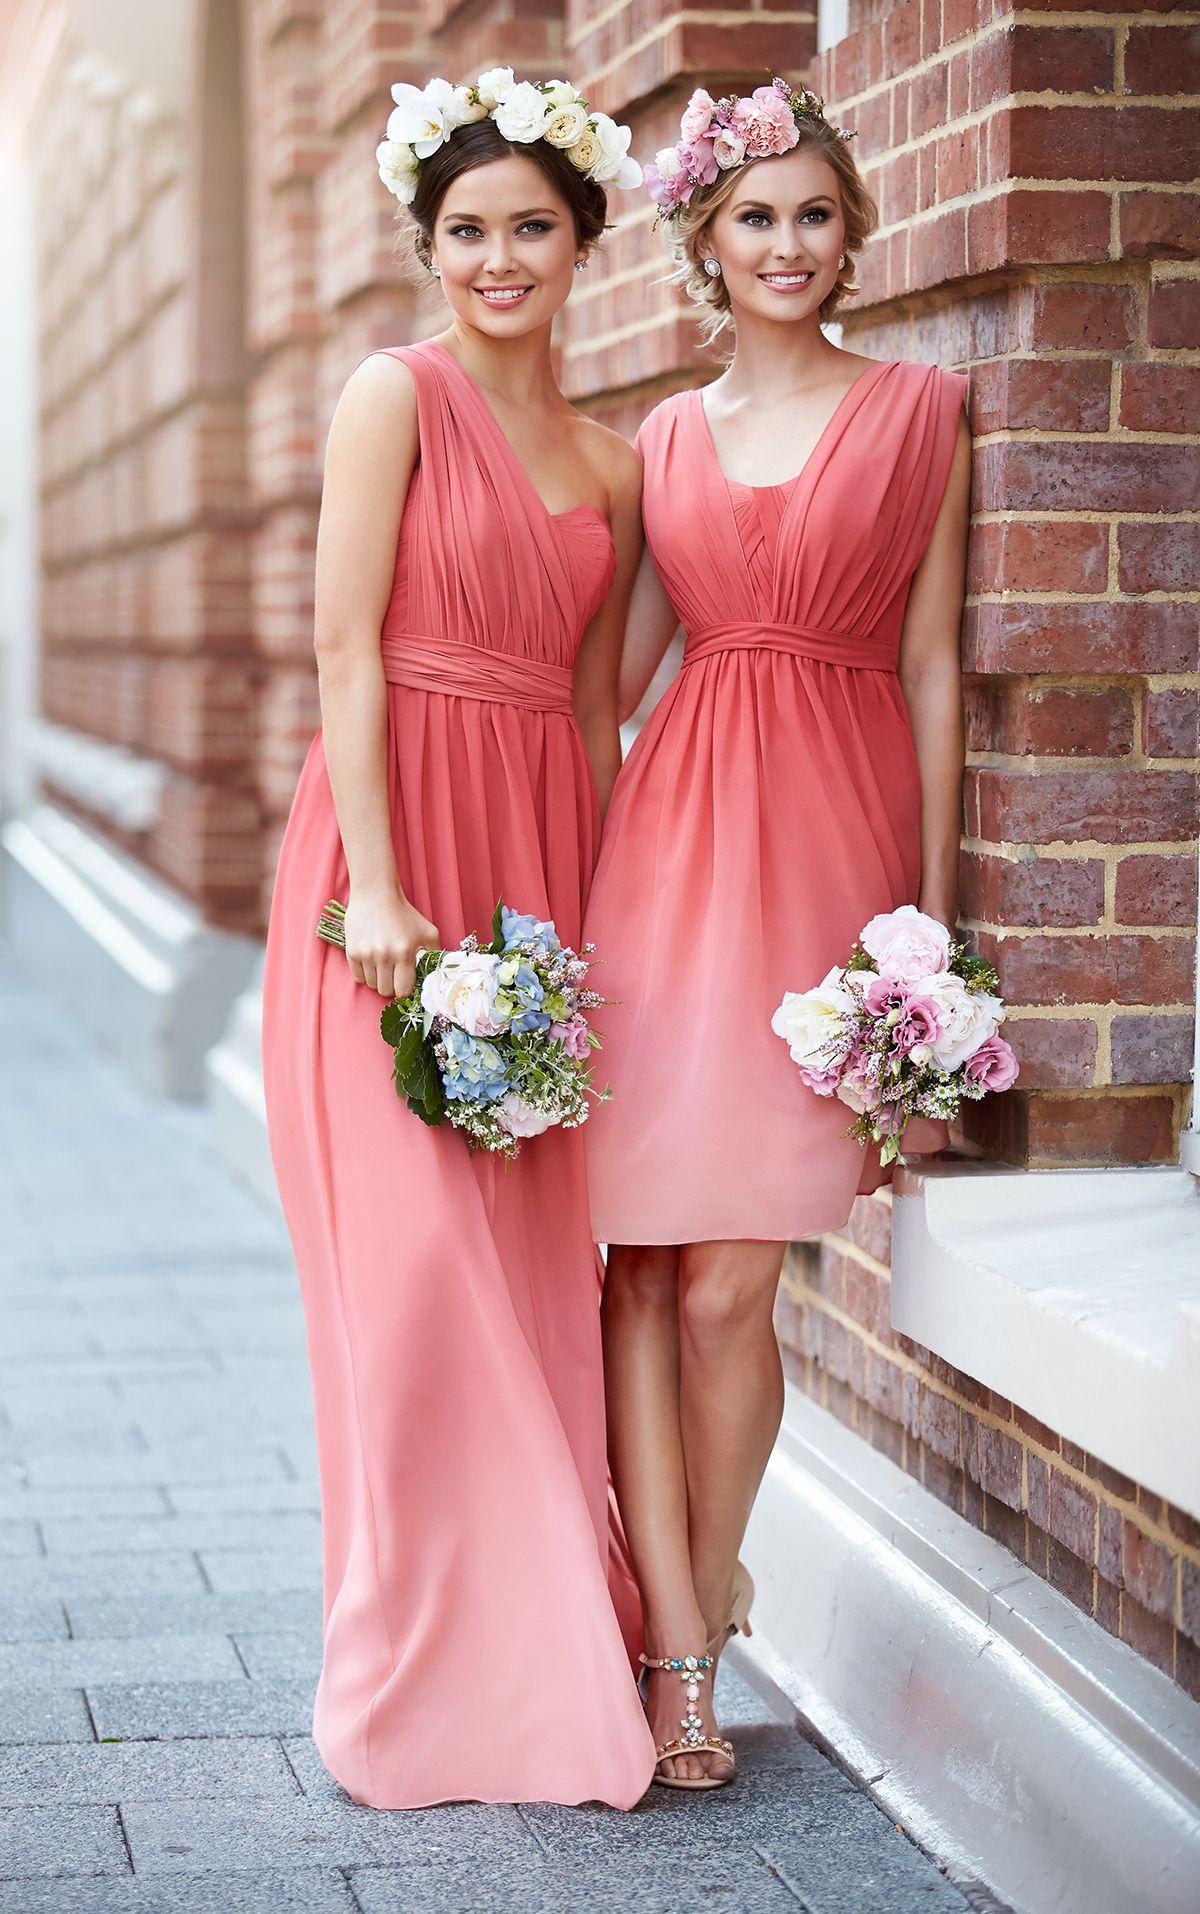 Peach bridesmaid dress by sorella vita chiffon gown maids and gowns peach bridesmaid dress by sorella vita ombrellifo Image collections